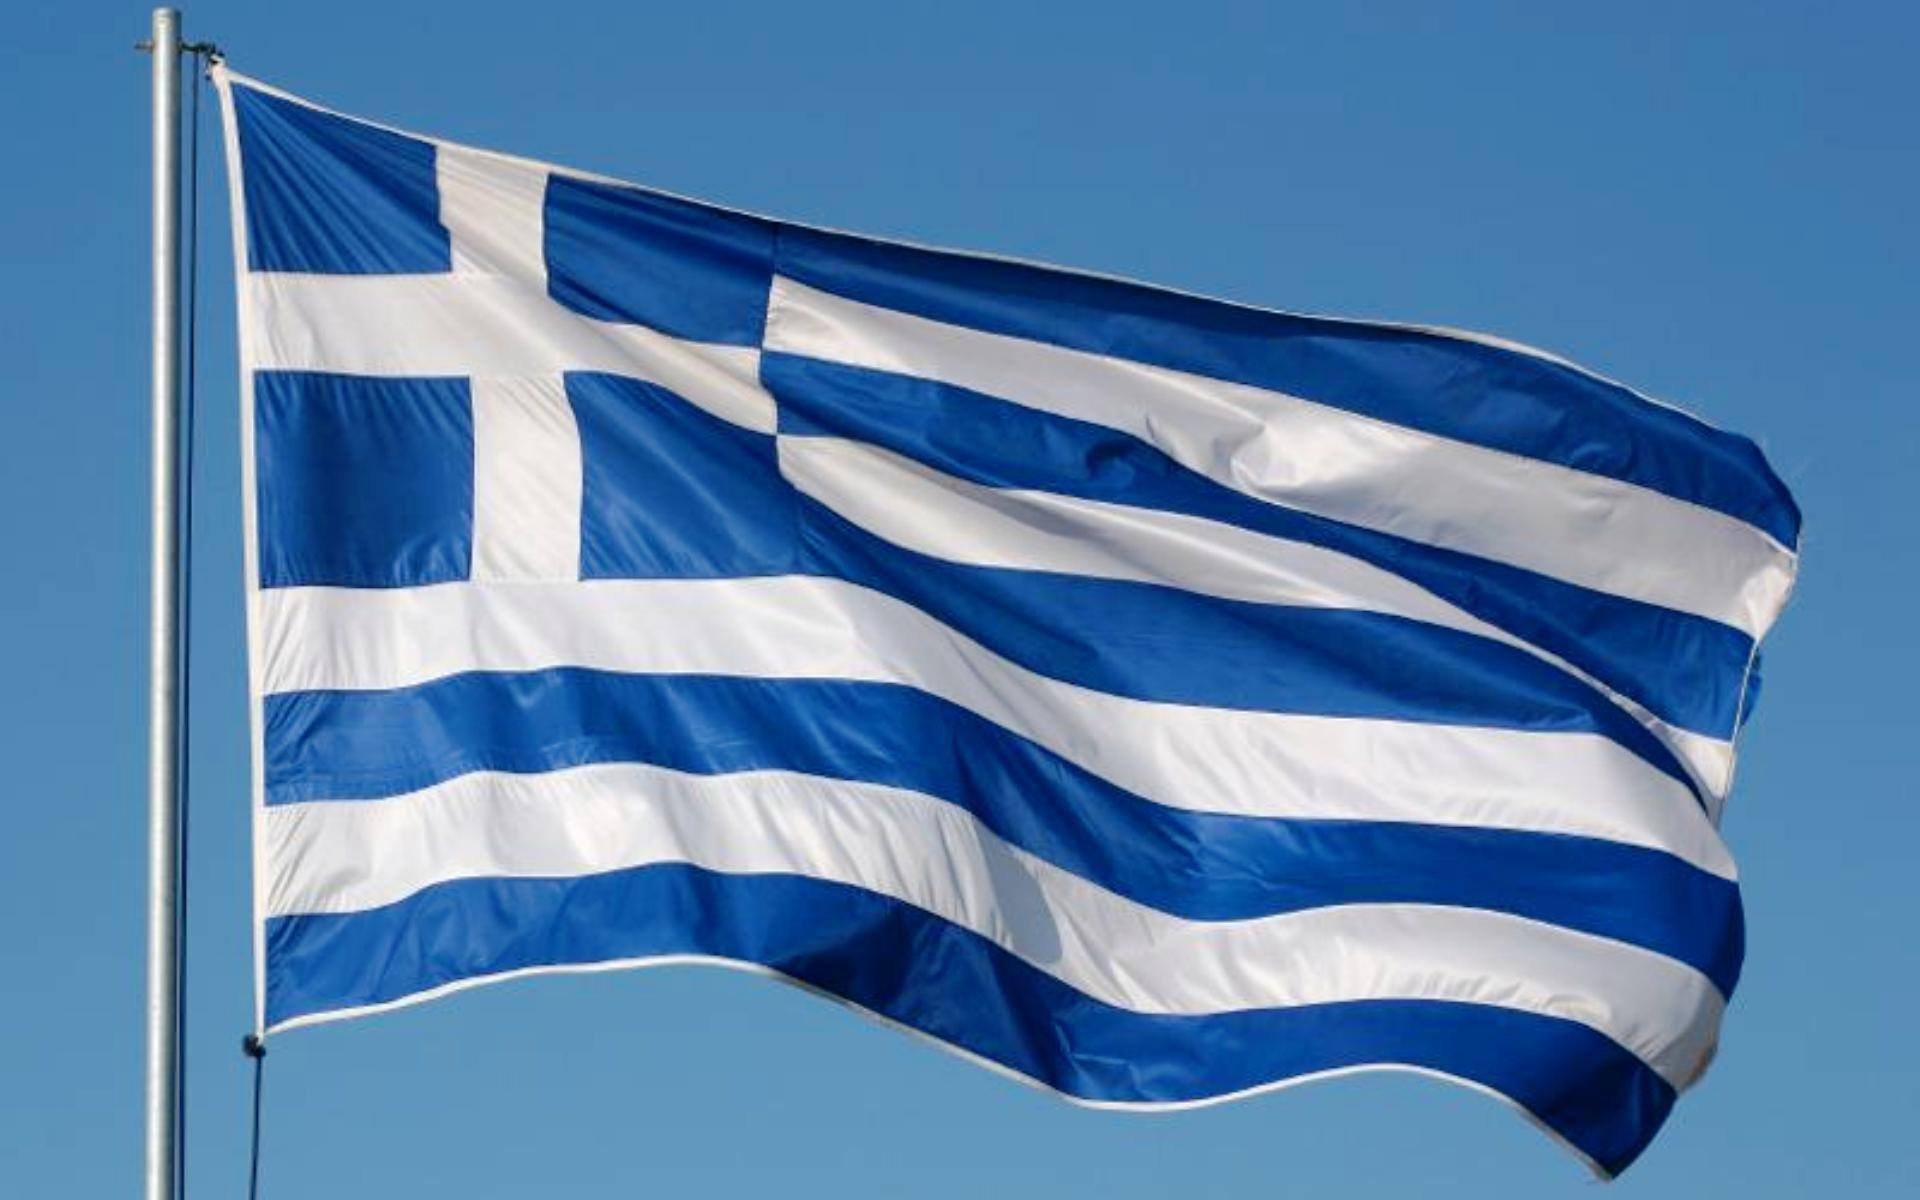 Греки протестуют против применения «Македонии» вназвании соседней страны